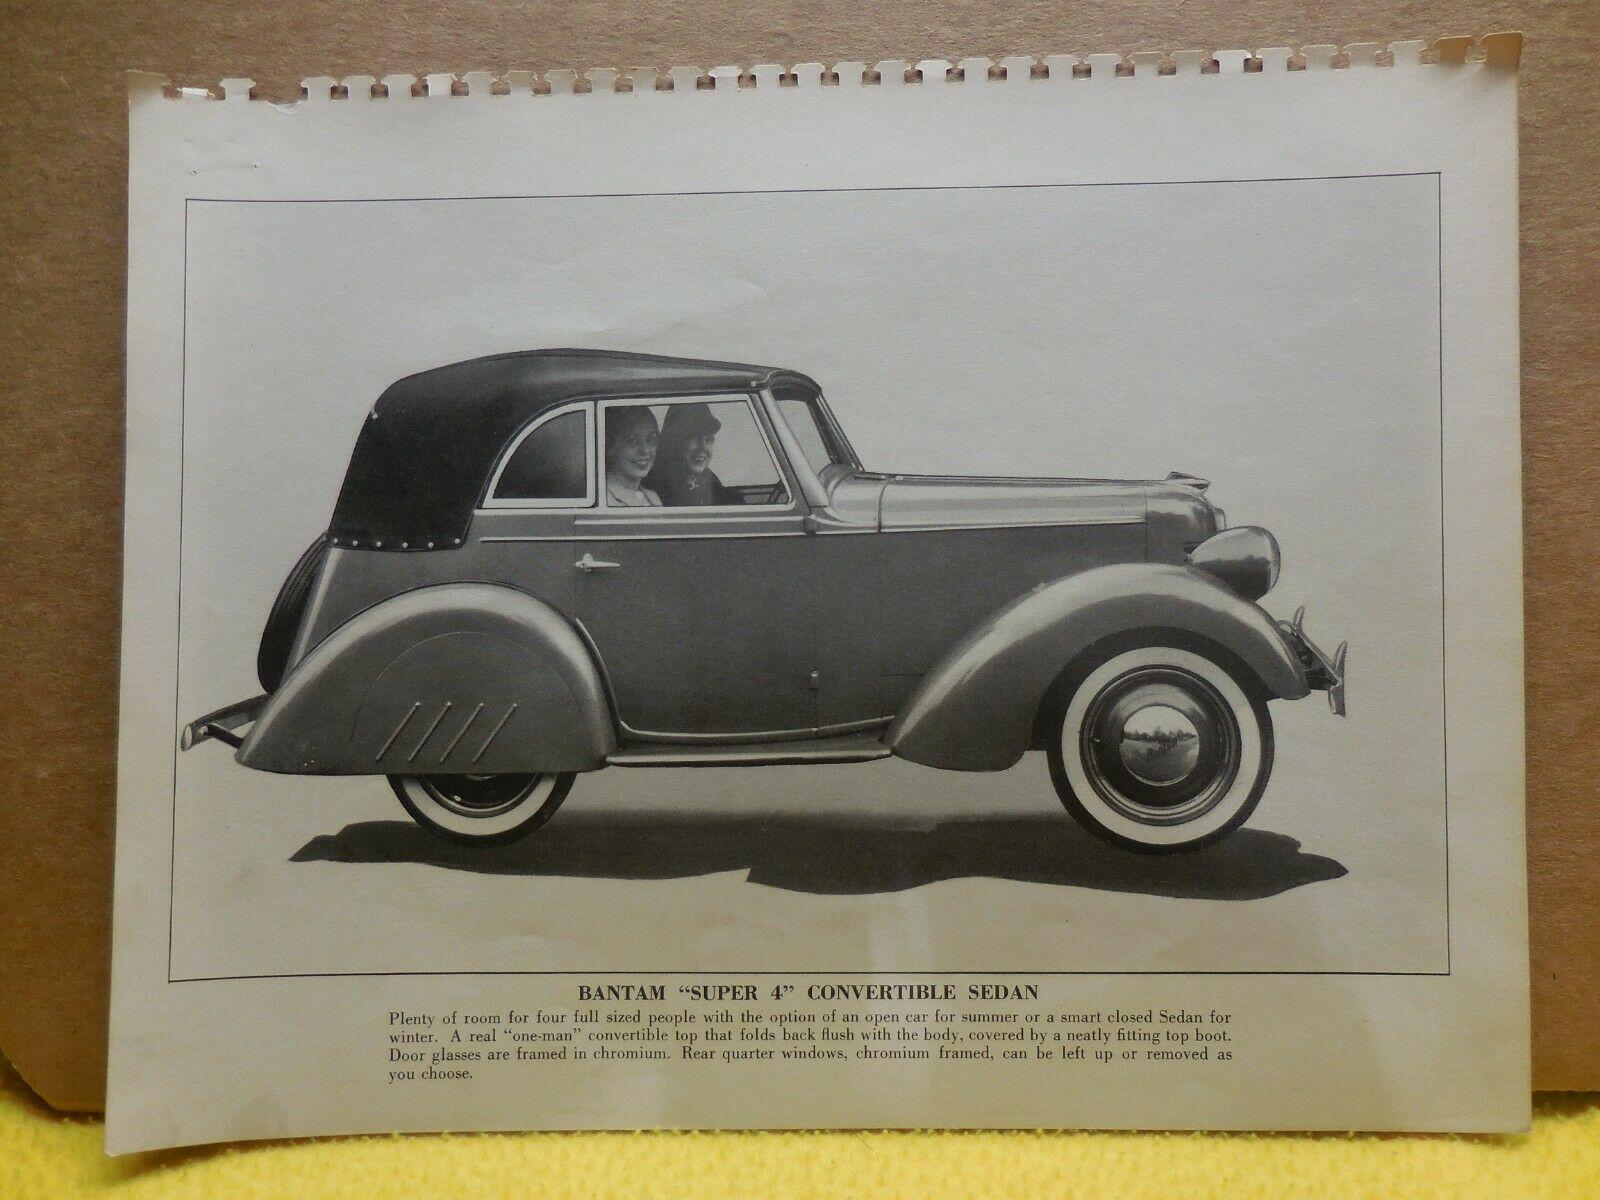 1940 Bantam Convertible Sedan Factory Photo